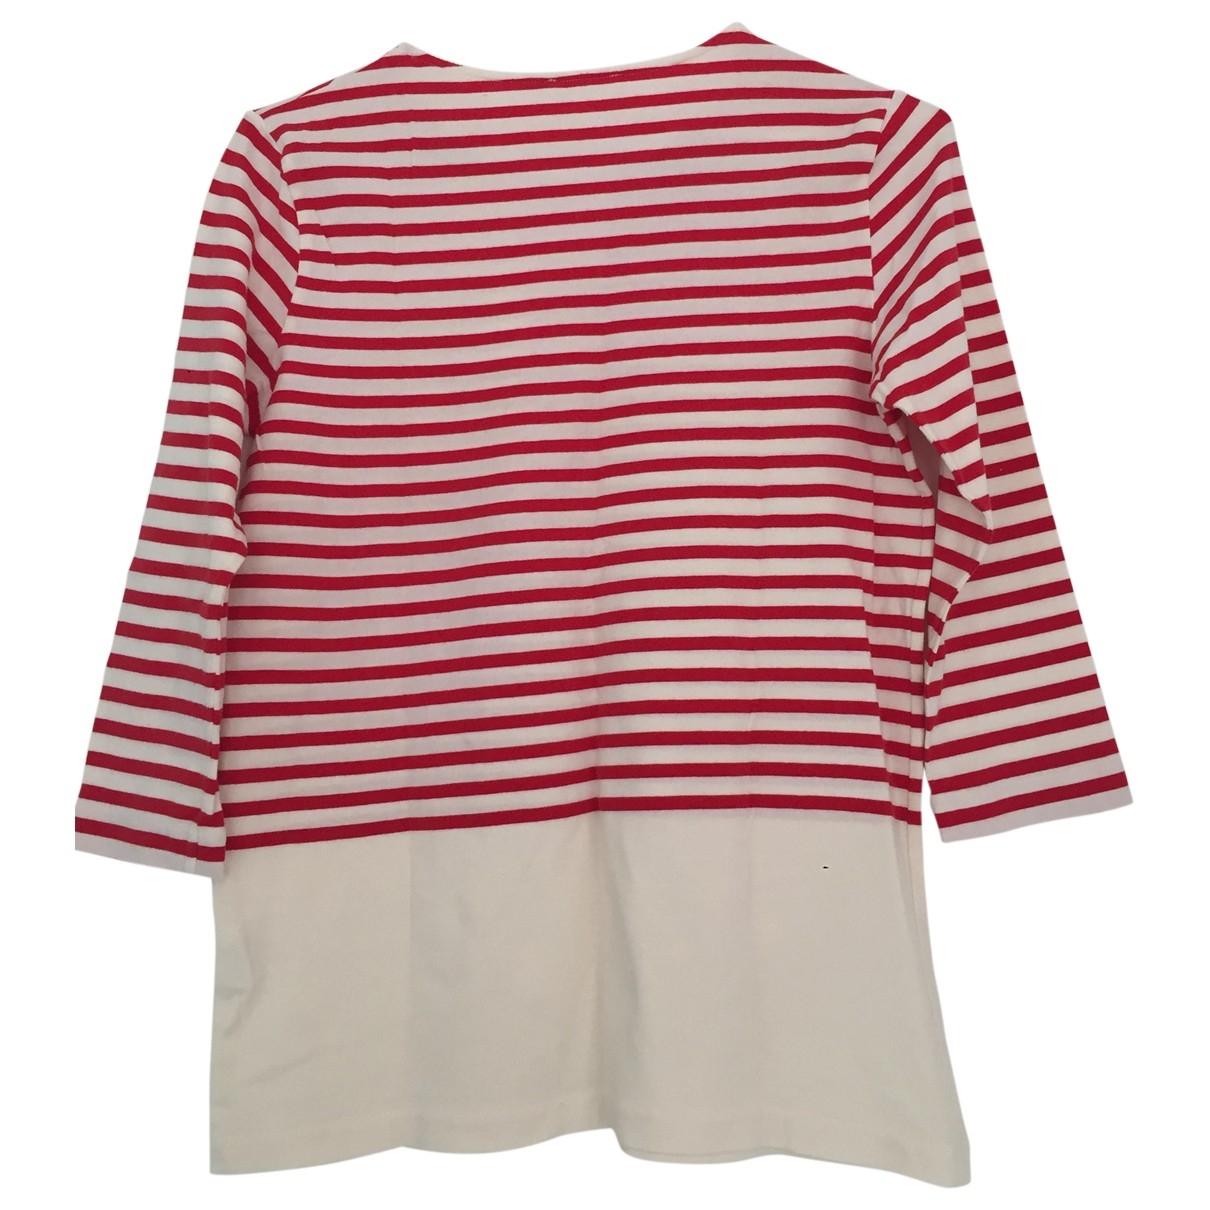 Cos - Top   pour femme en coton - rouge